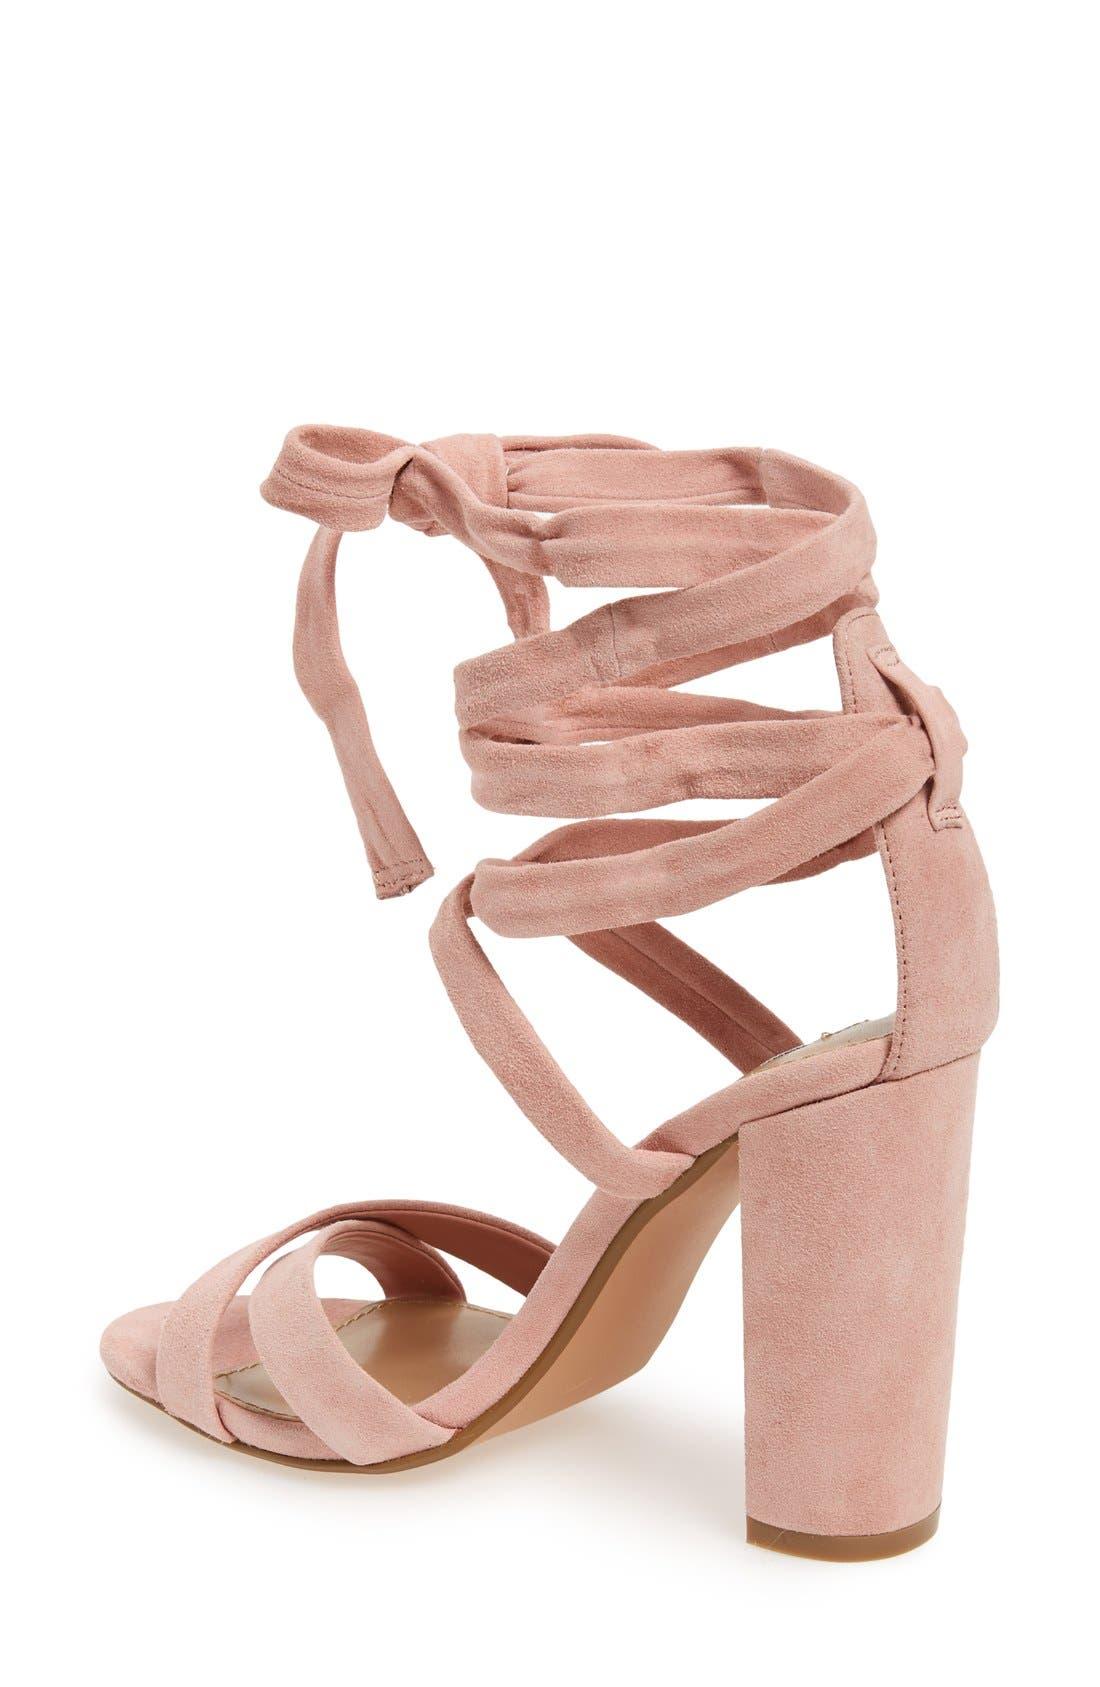 STEVE MADDEN, 'Christey' Wraparound Ankle Tie Sandal, Alternate thumbnail 2, color, 650